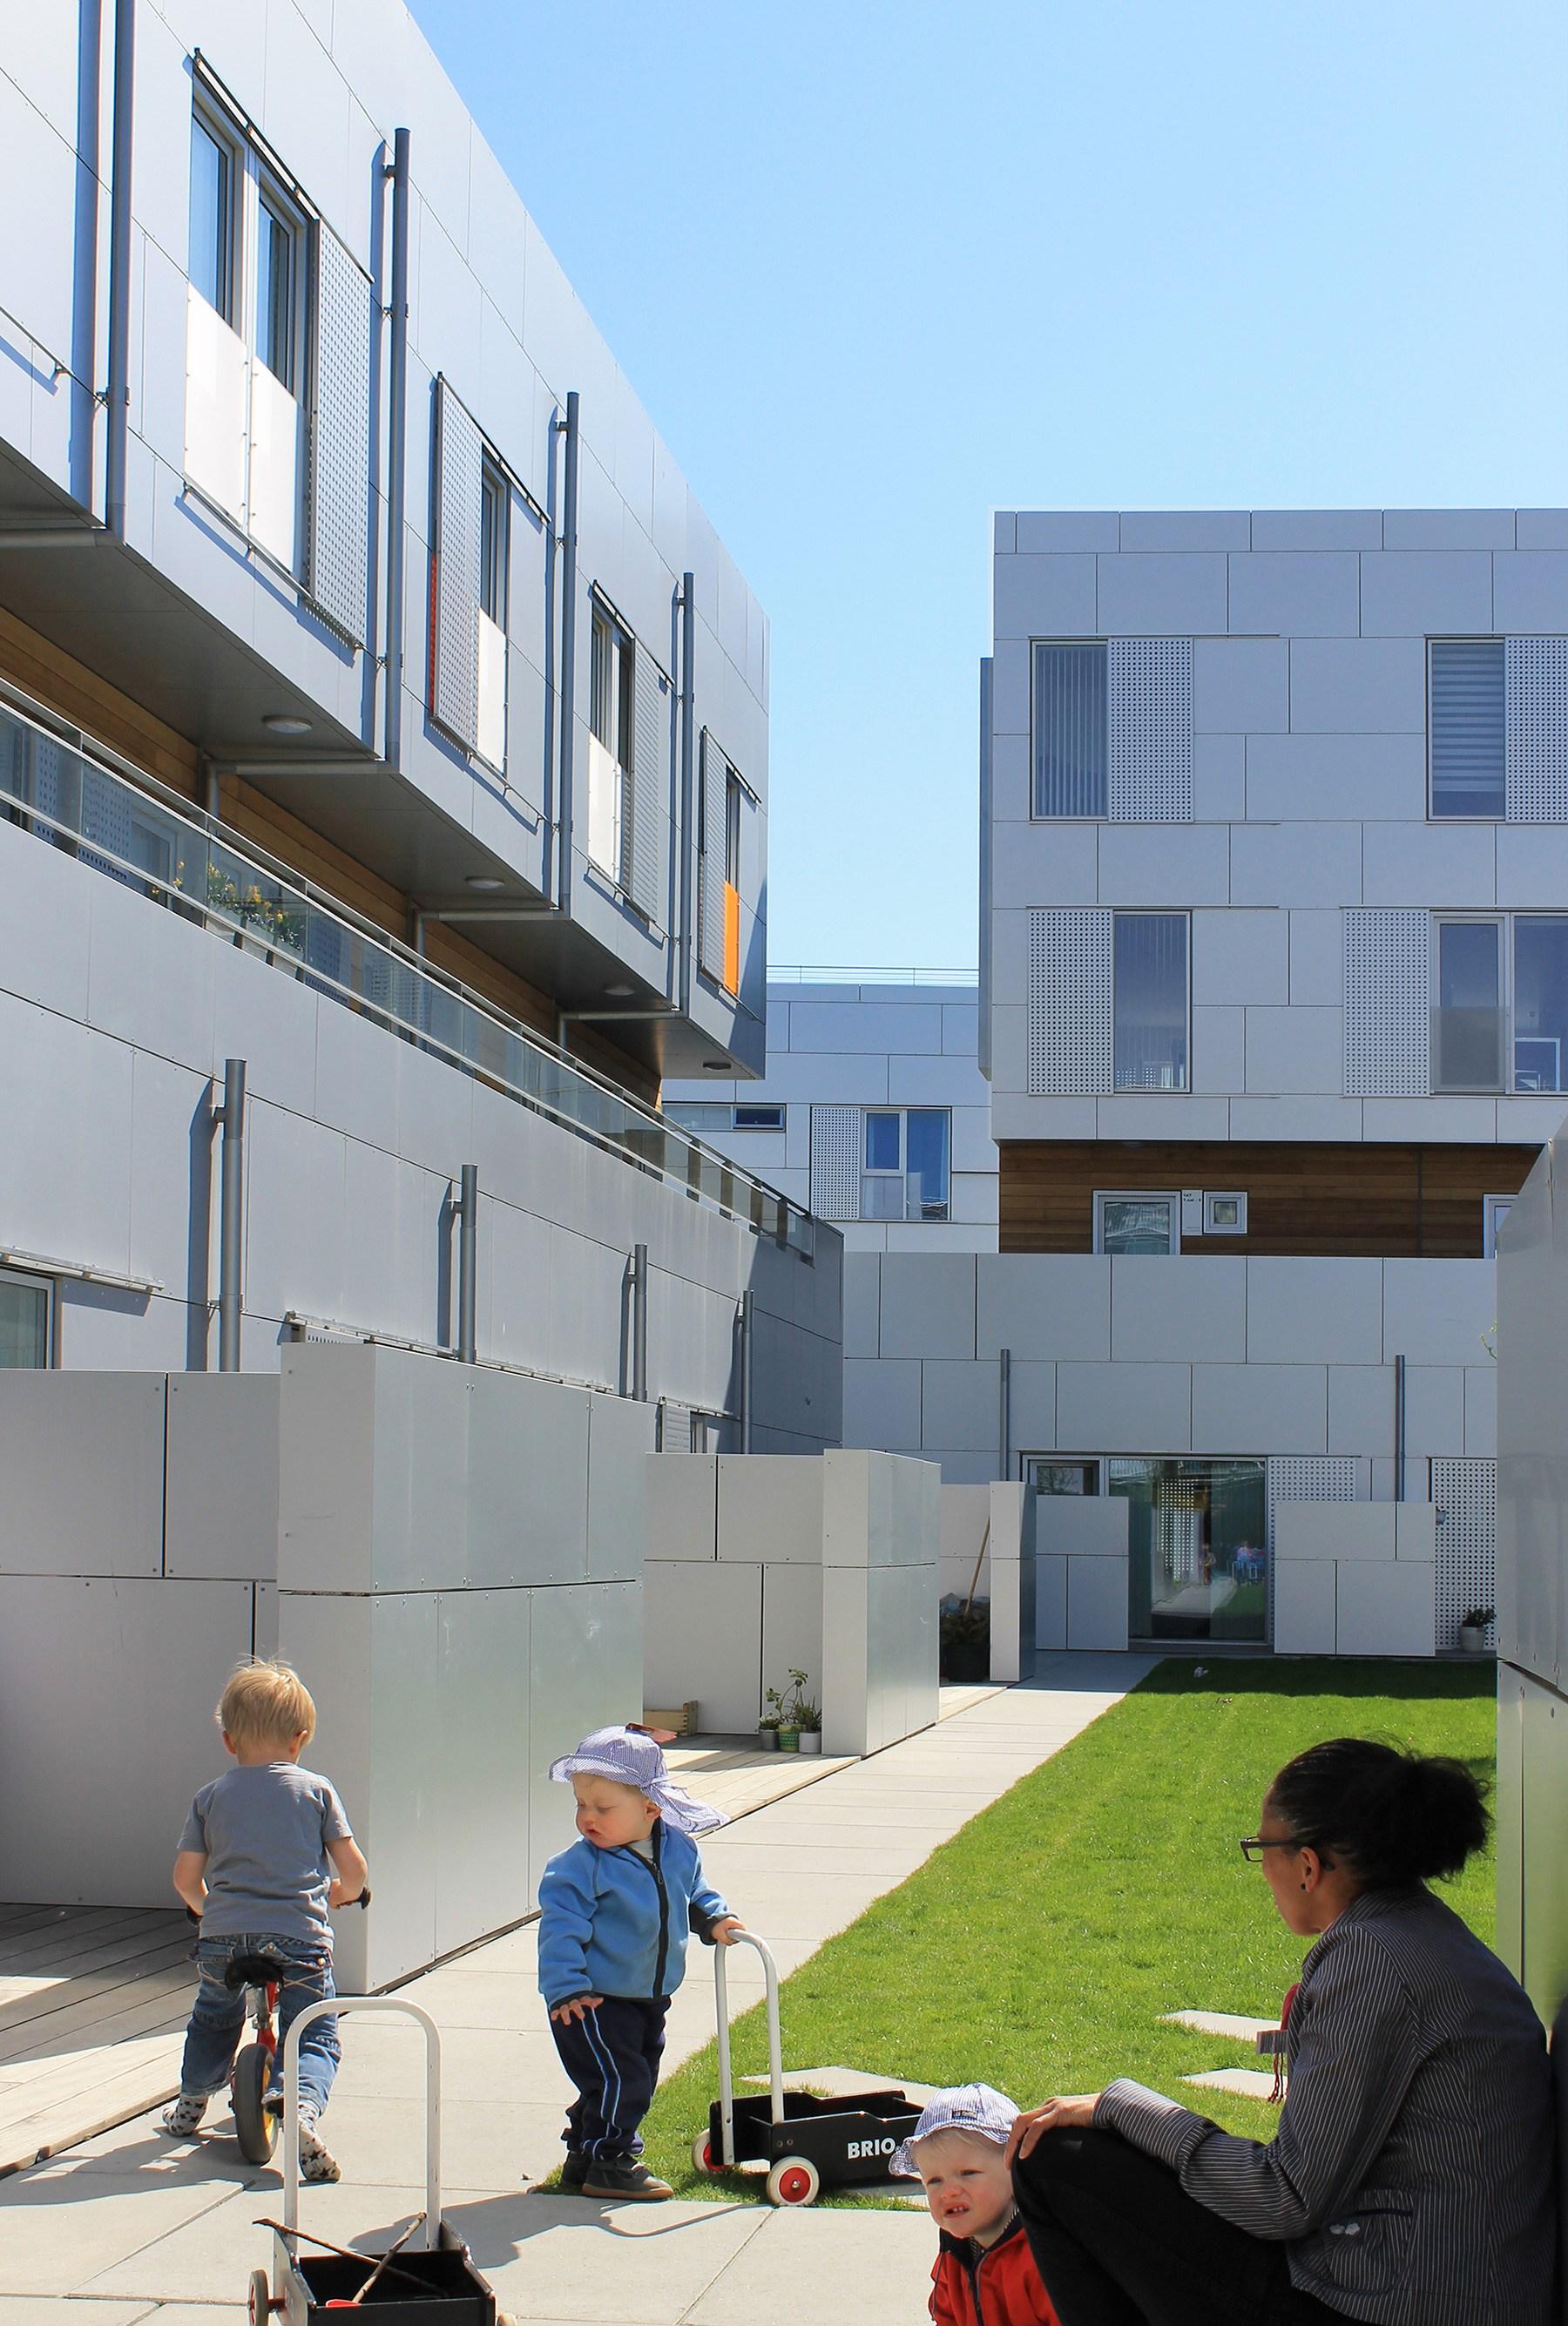 architect prefabricated housing general housing plus arkitekt ONV arkitekter præfabrikeret bolig almen bolig plus koncept præfab bolig Signalgården Købenahavn